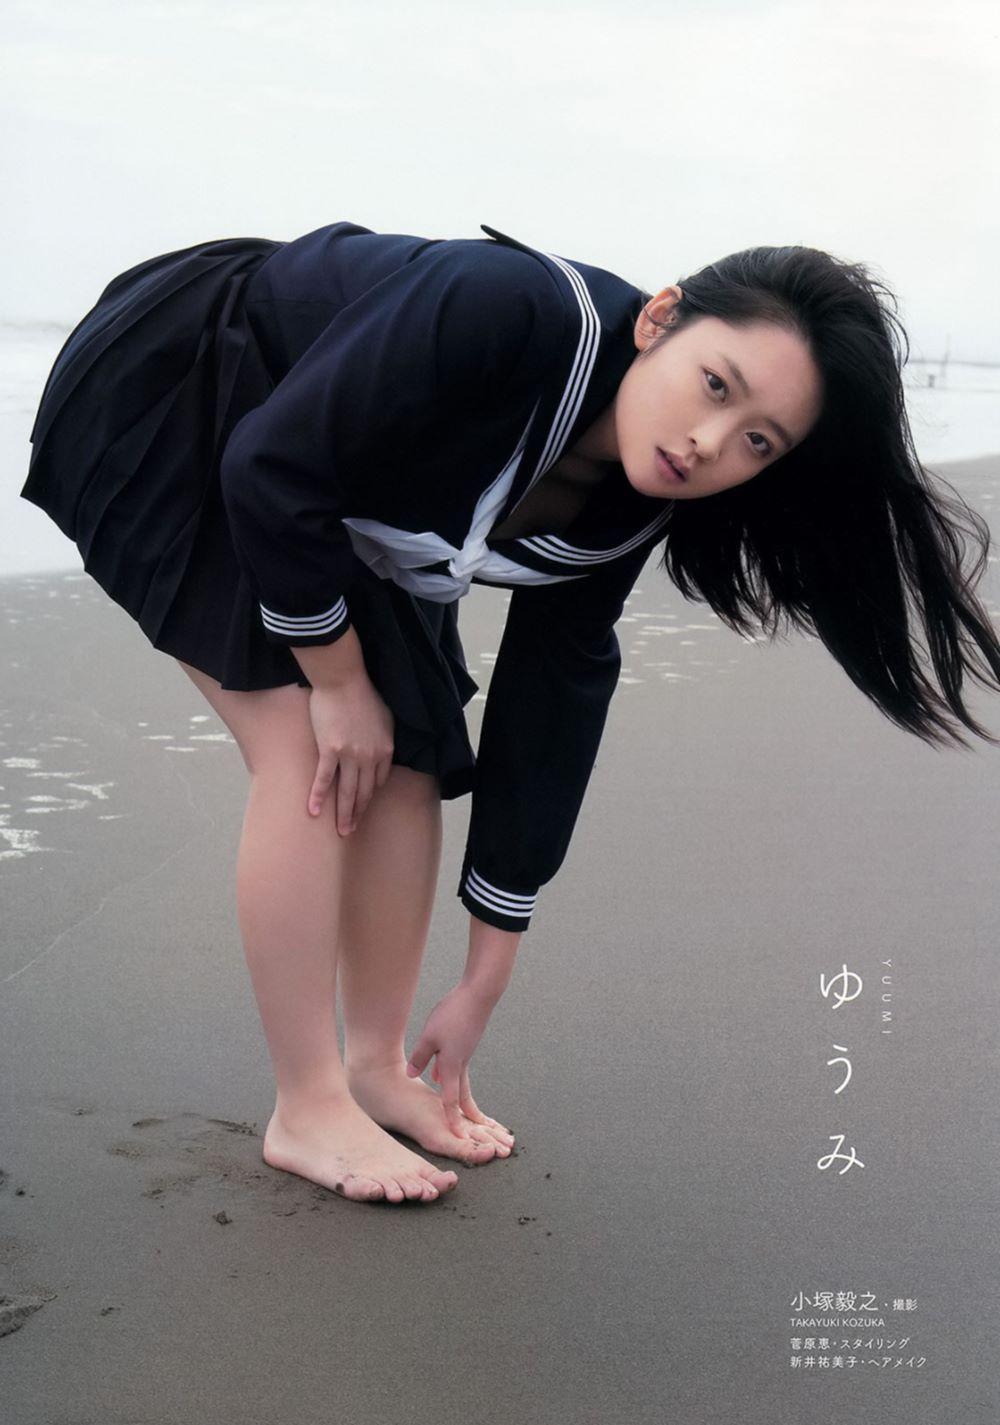 元ジュニアアイドル ゆうみ エロ画像 14